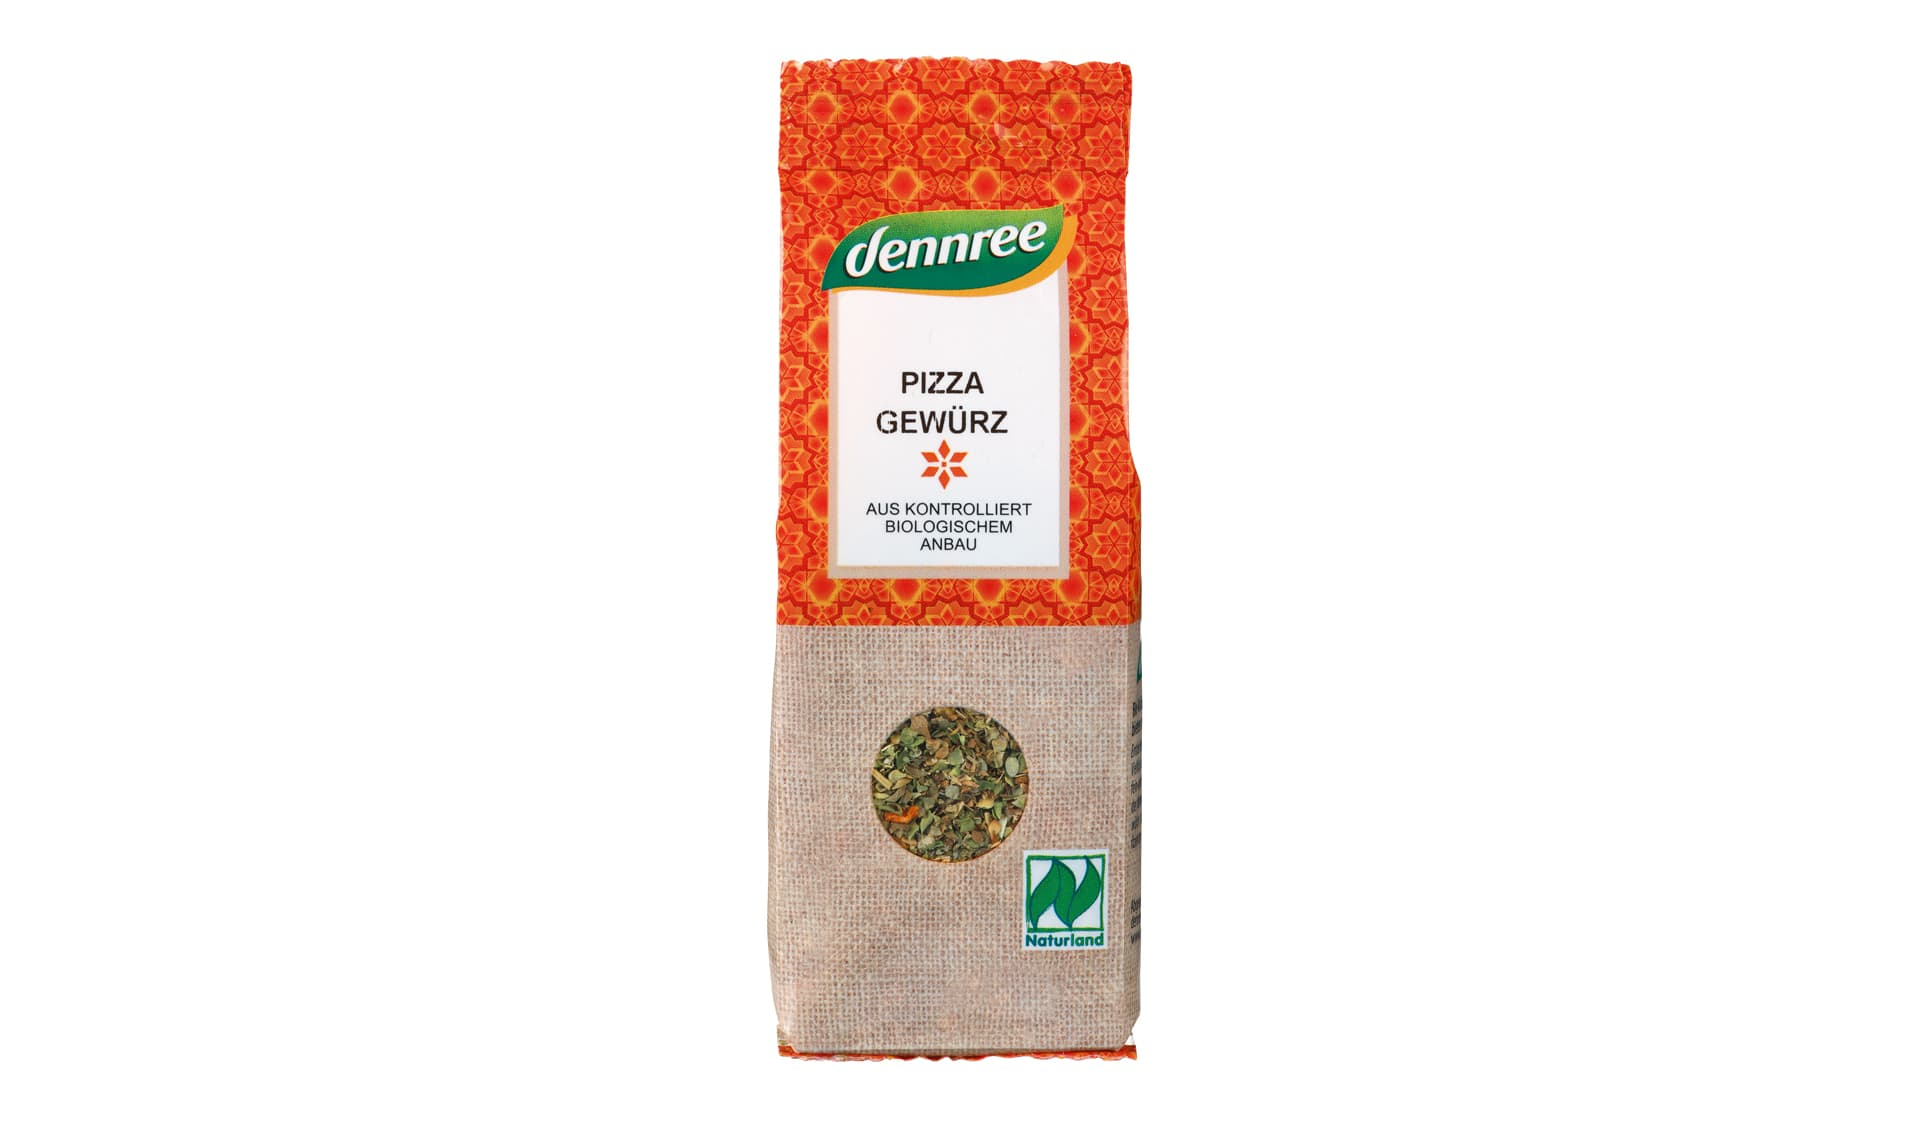 Dennree Pizzagewürz